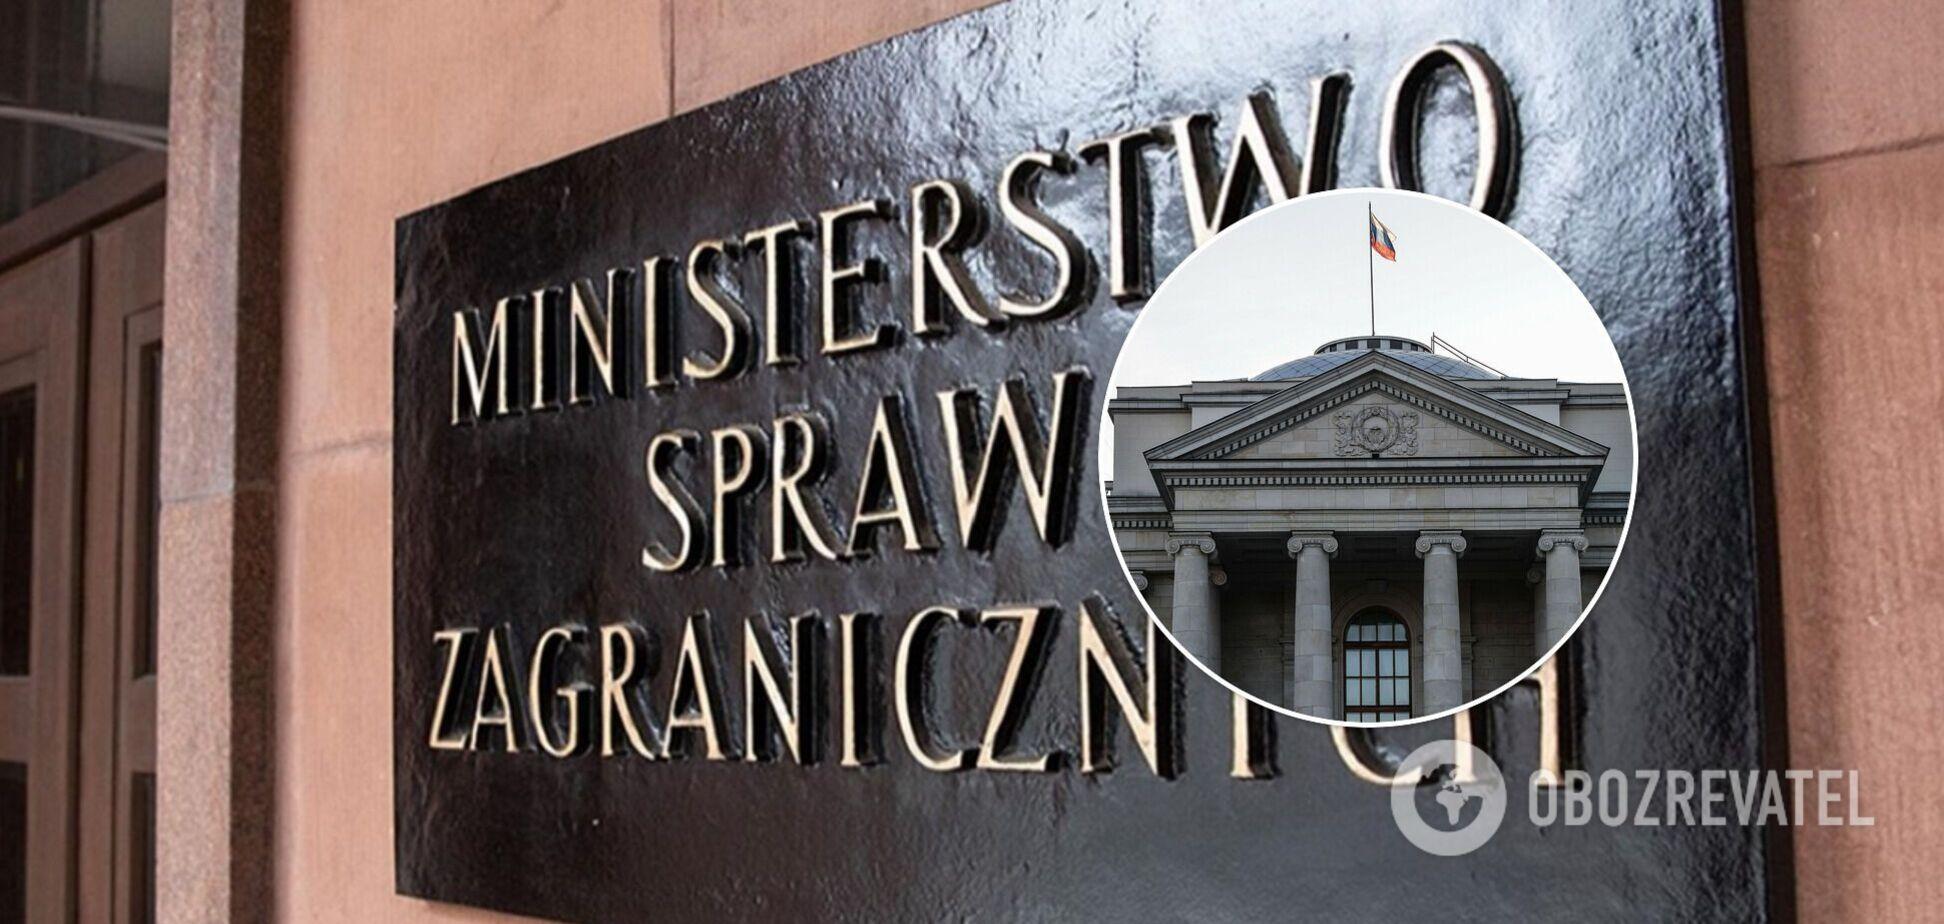 Польща вишле трьох російських дипломатів через завдання шкоди країні